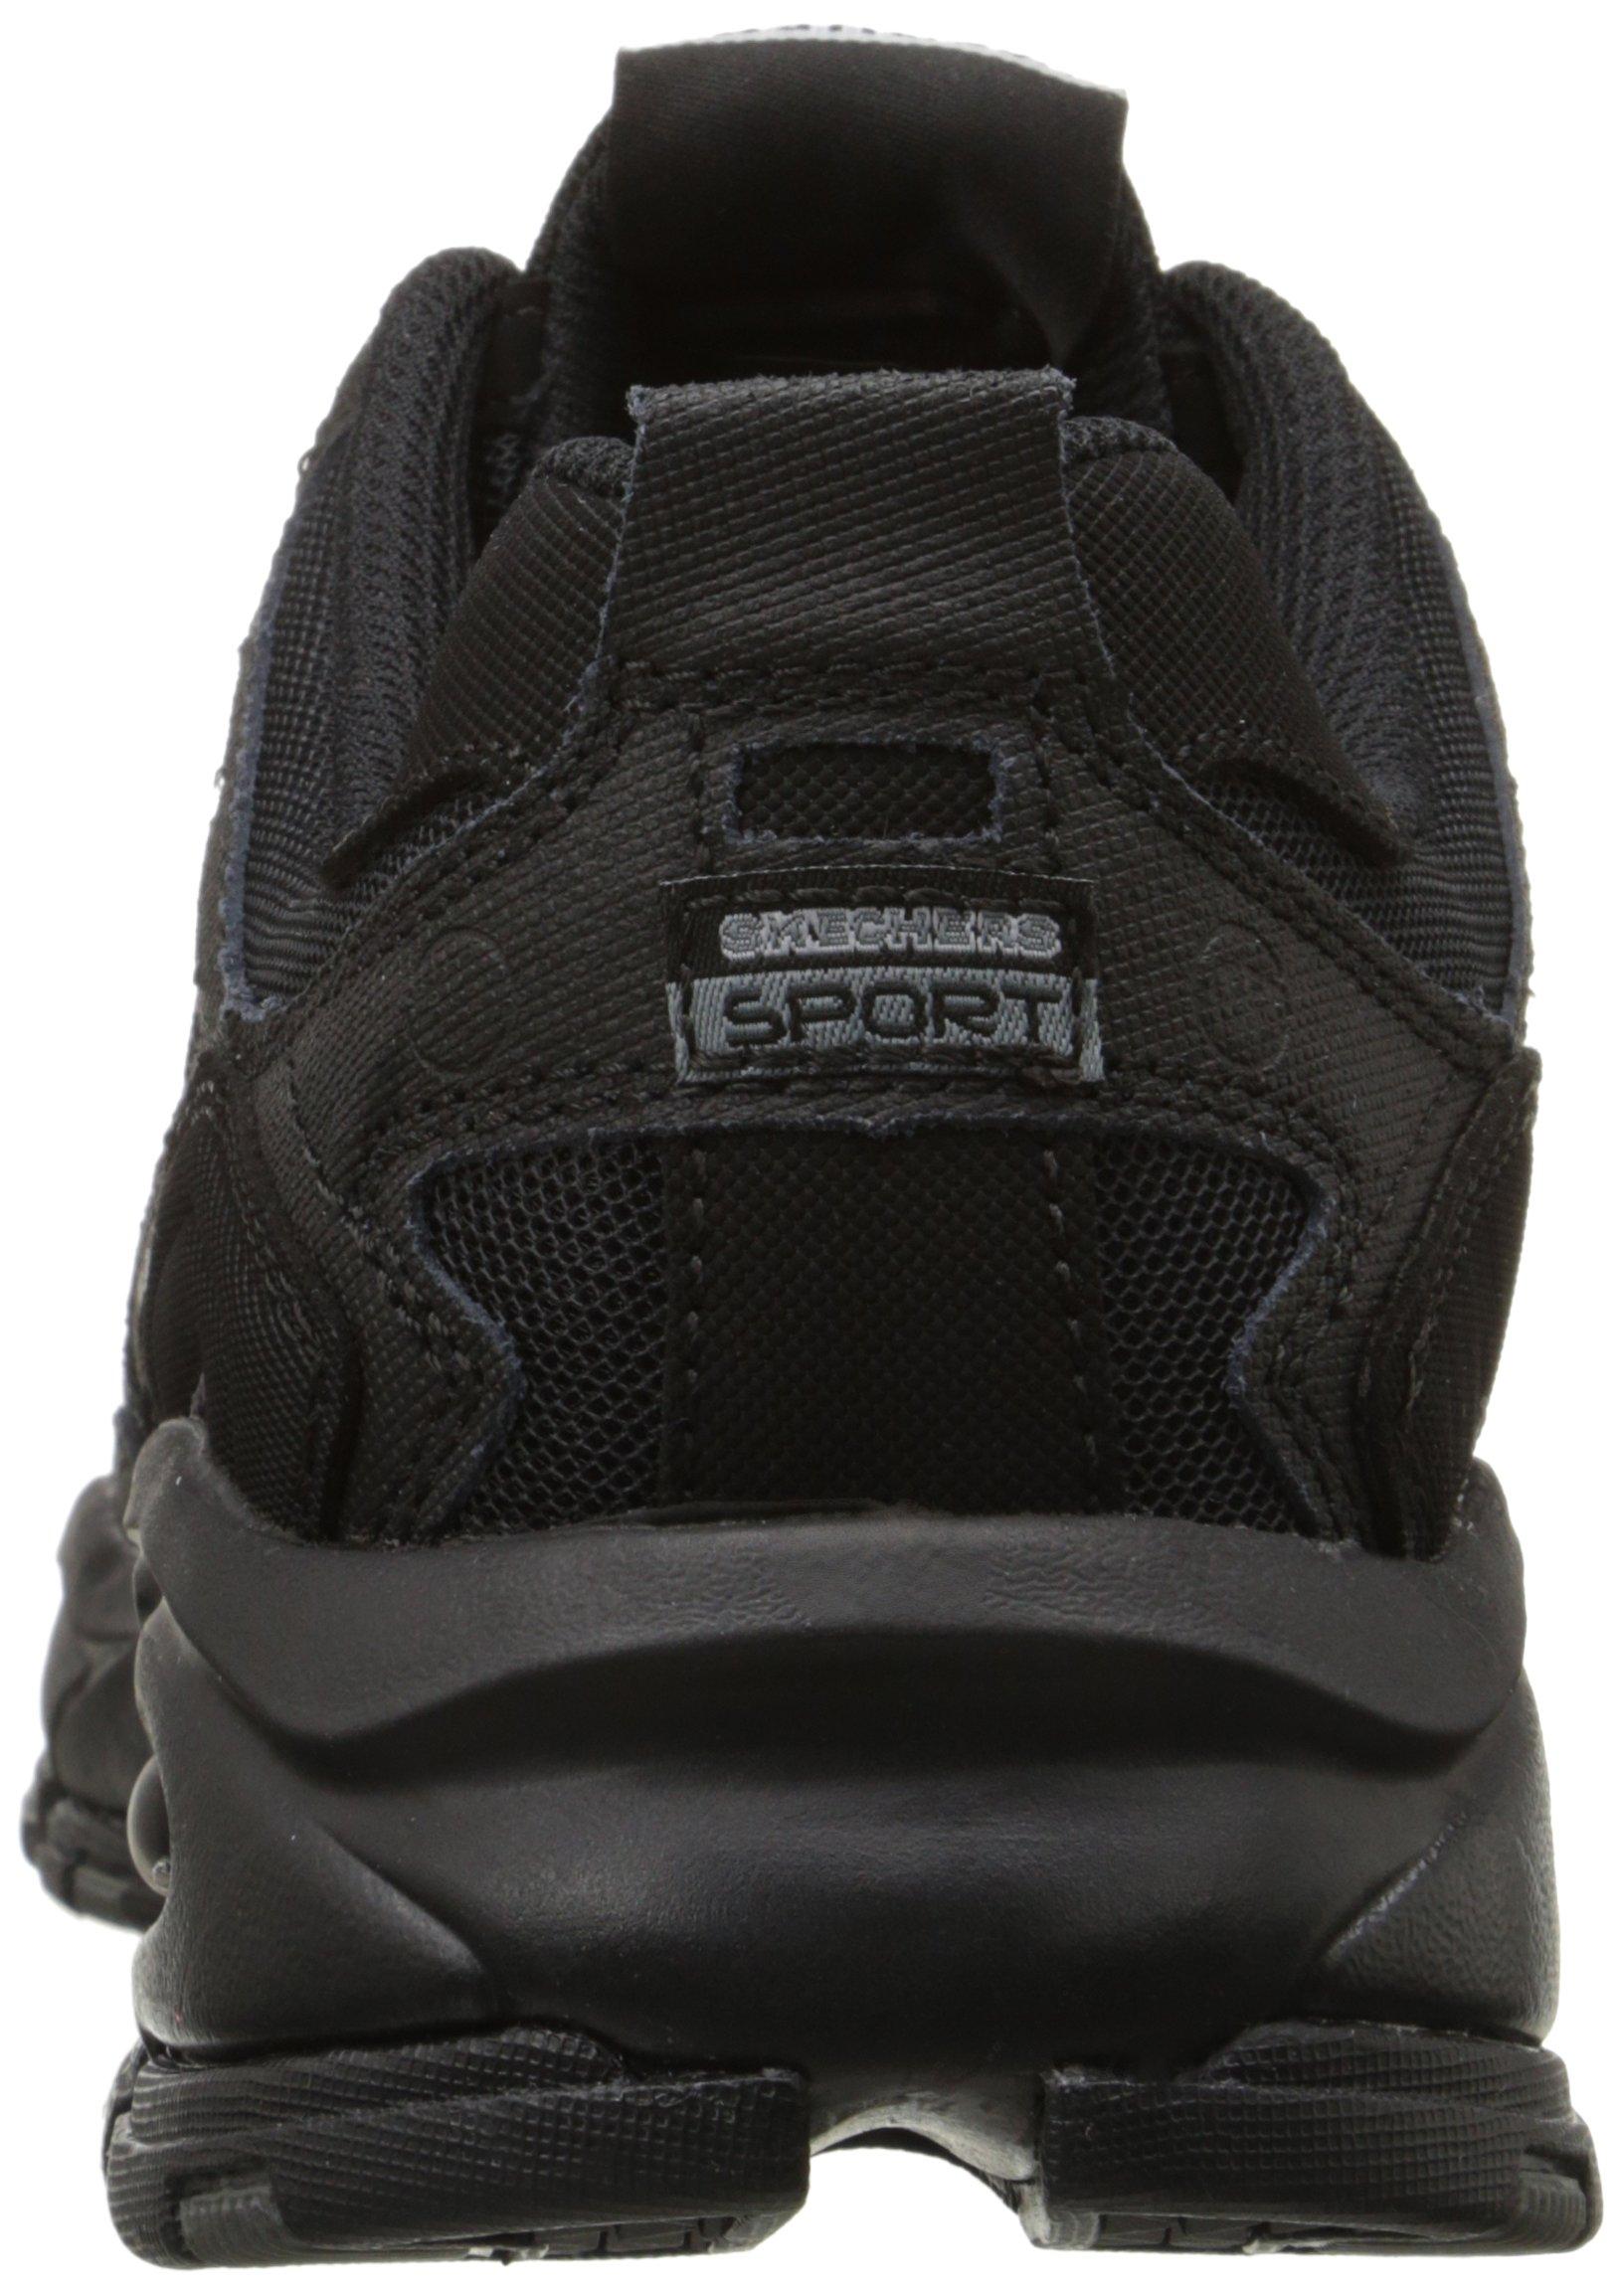 Skechers Sport Men's Vigor 2.0 Trait Memory Foam Sneaker, Black, 12 M US by Skechers (Image #2)